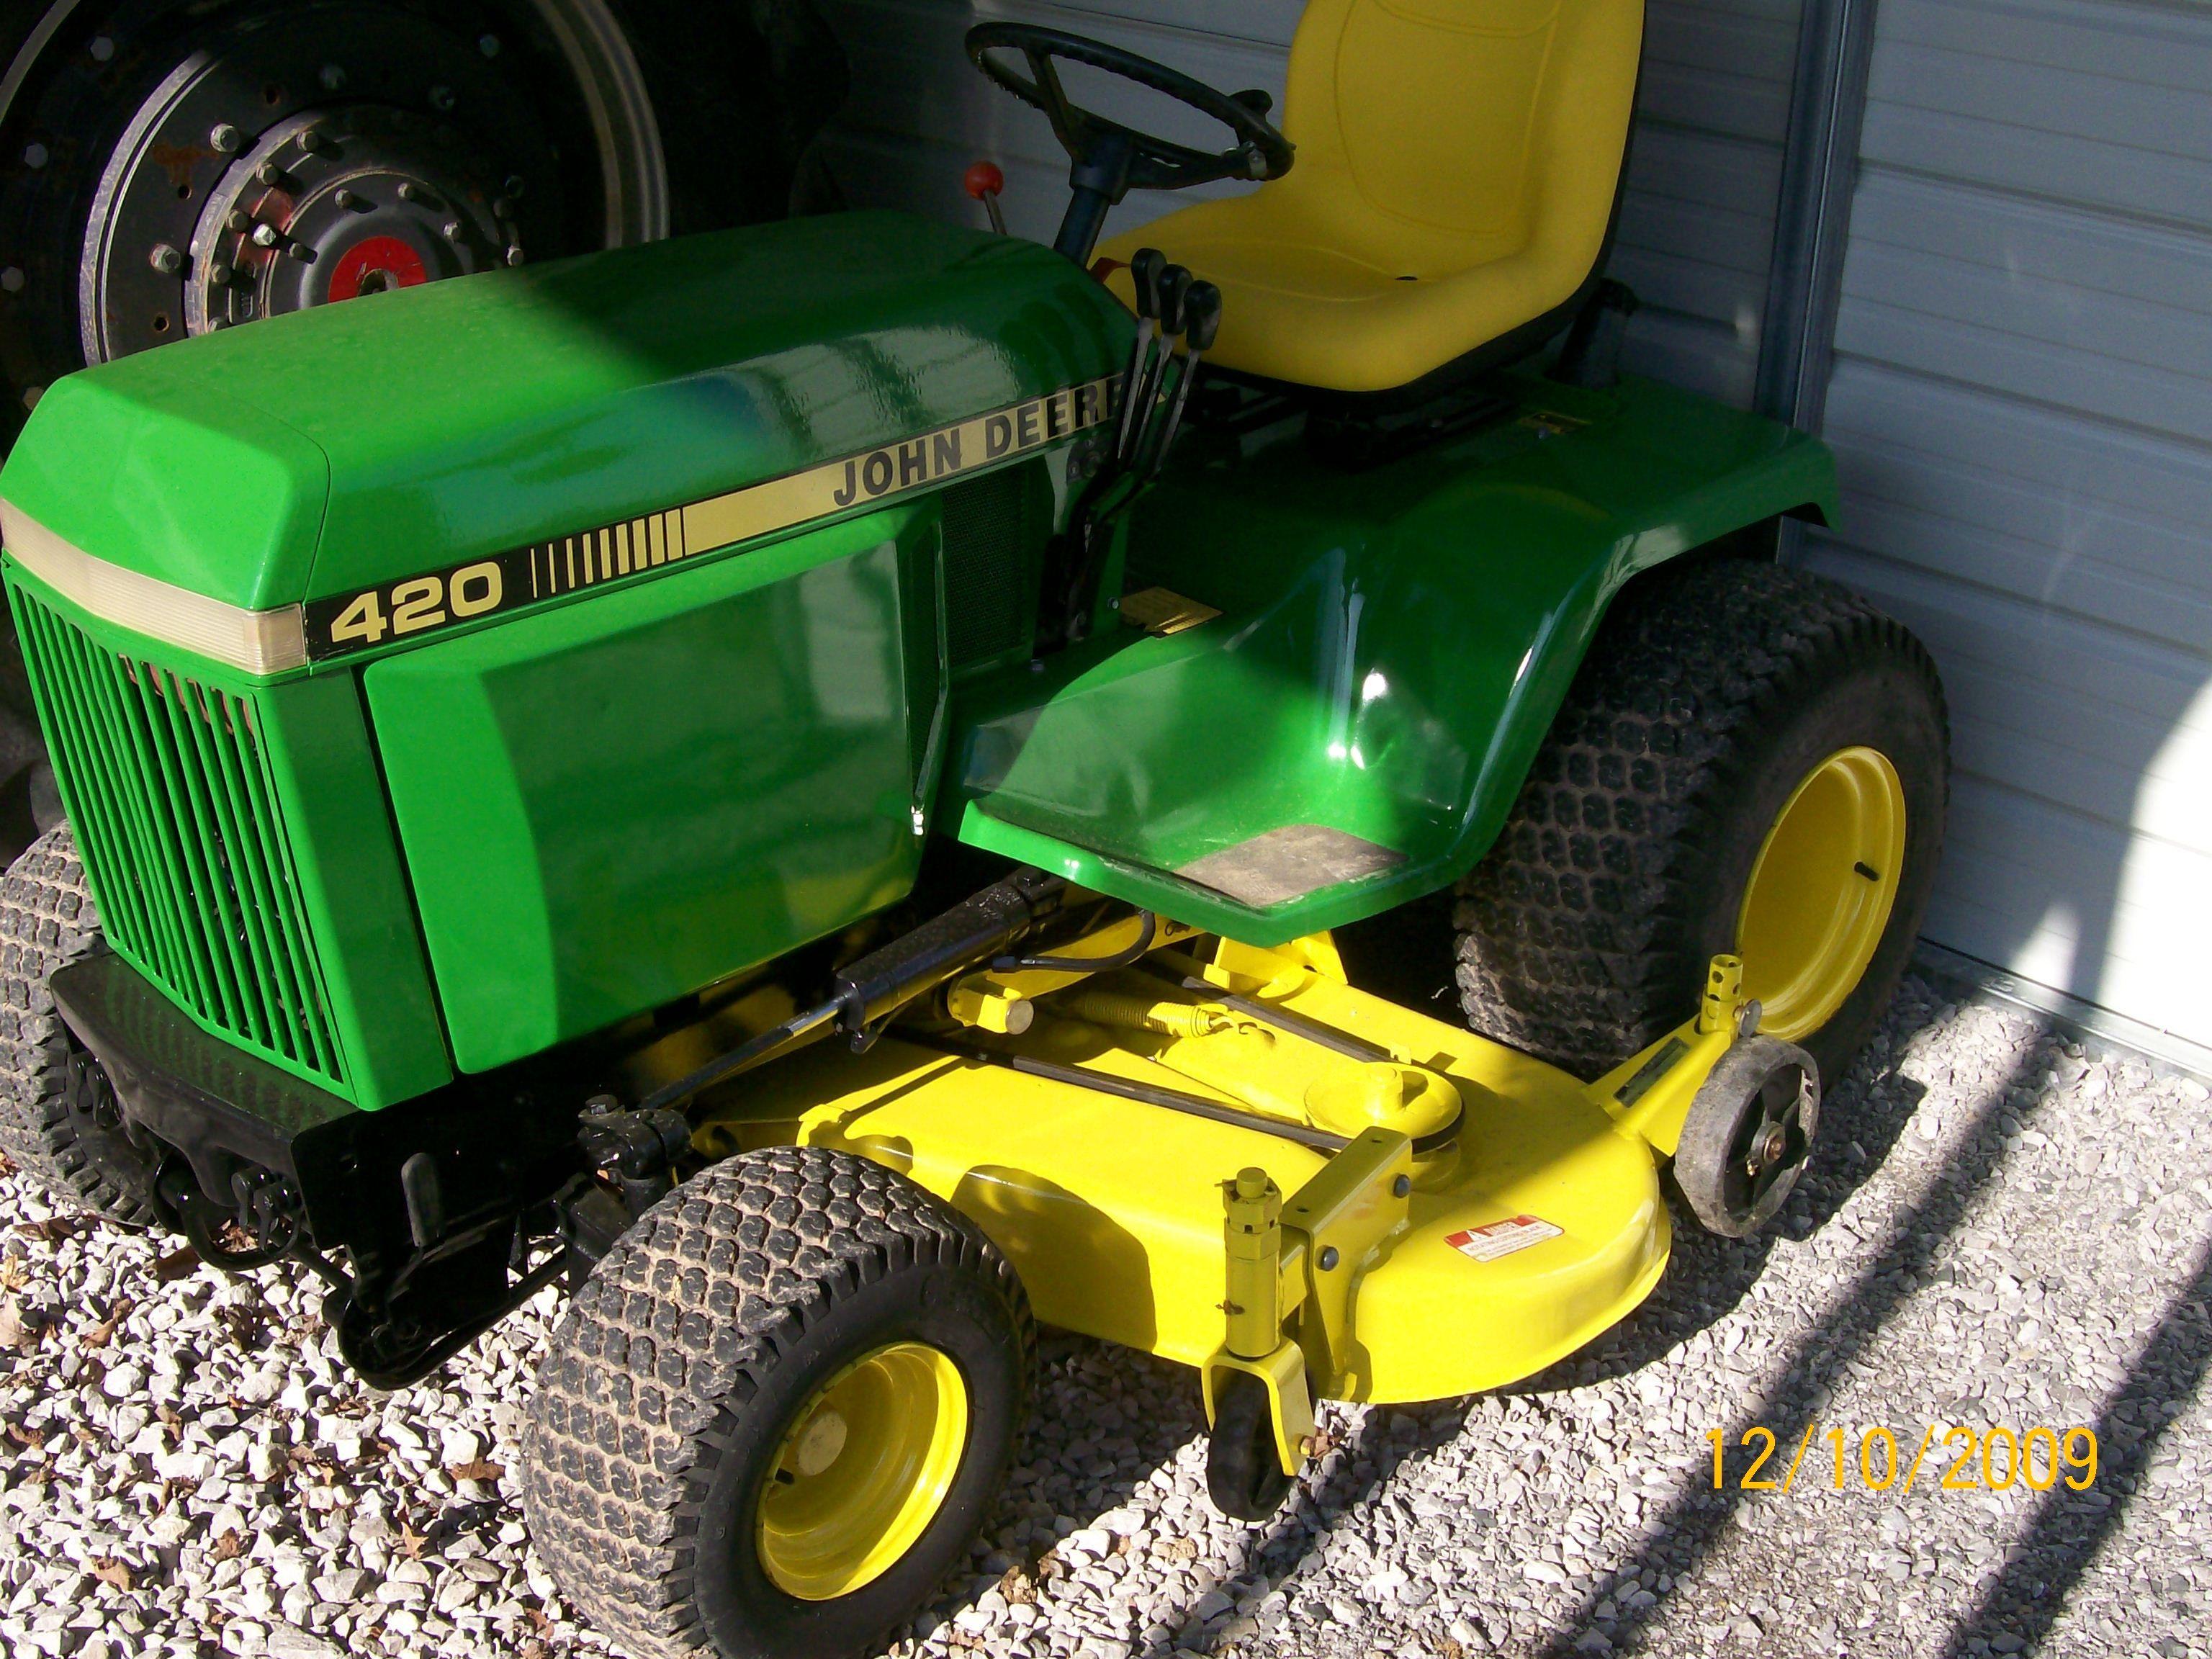 John Deere 420 Garden Tractor John Deere 420 Lawn Tractor With 60 Deck 900 Hours New Seat